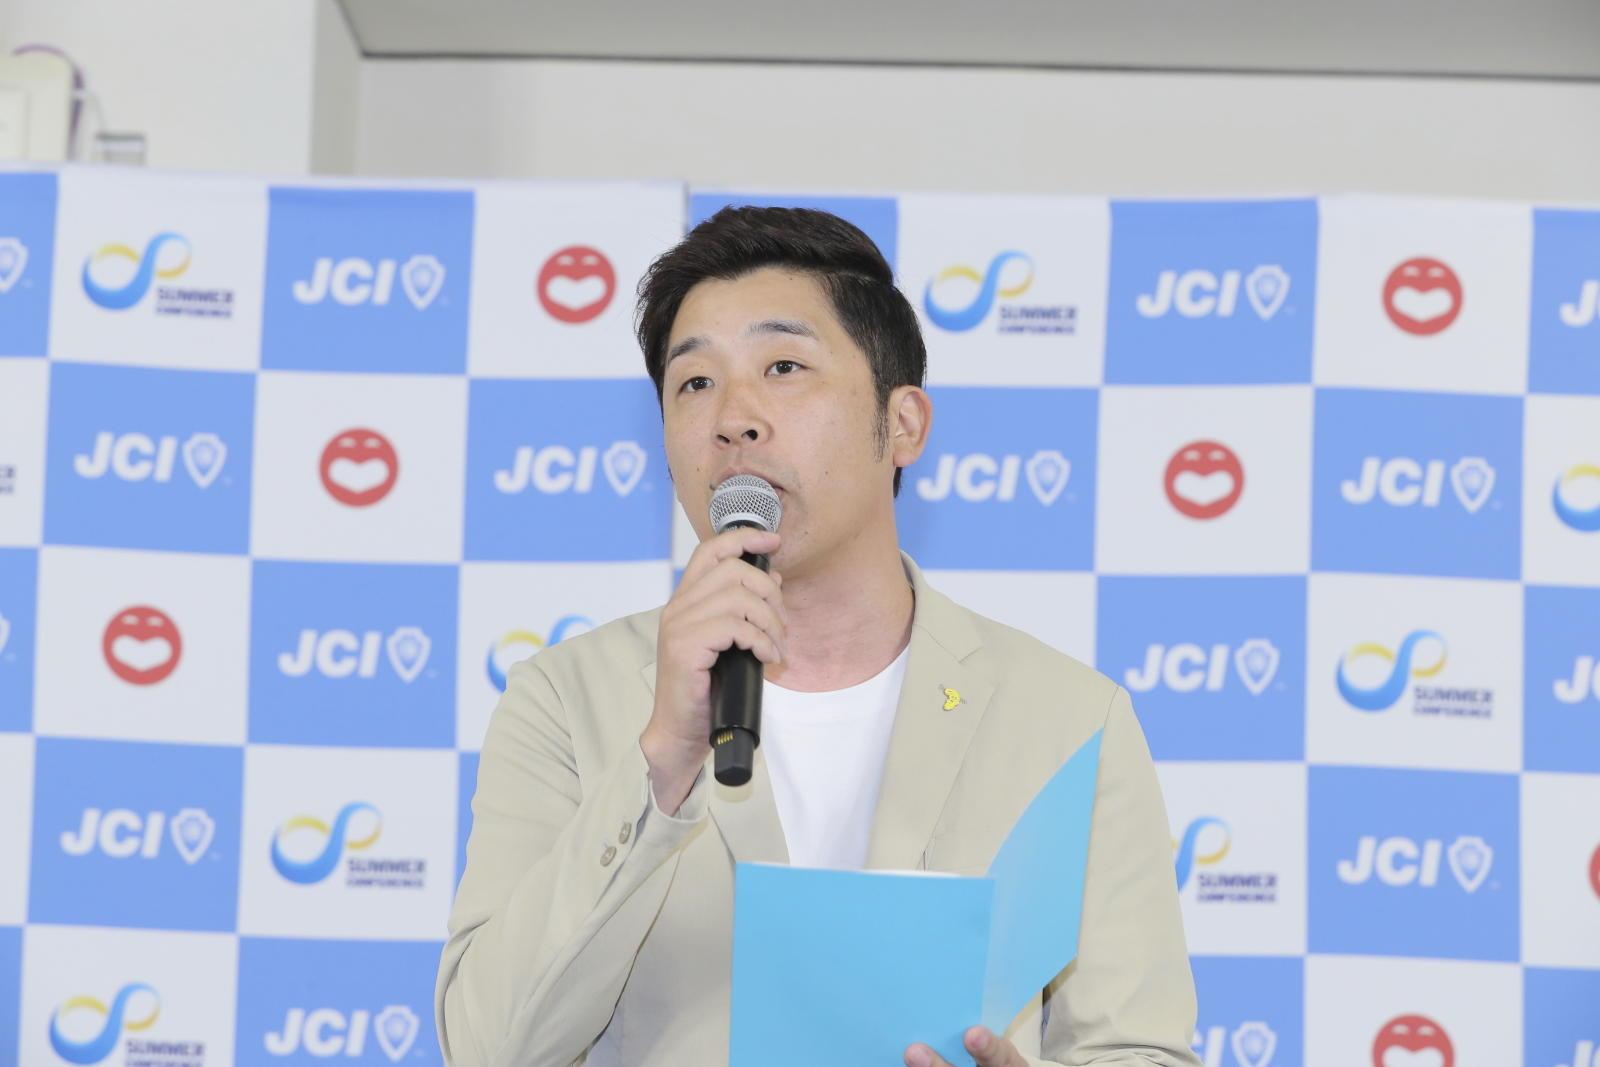 http://news.yoshimoto.co.jp/20170714133412-50493cd9dfde169b1f221cf8efd720a97ae062f7.jpg